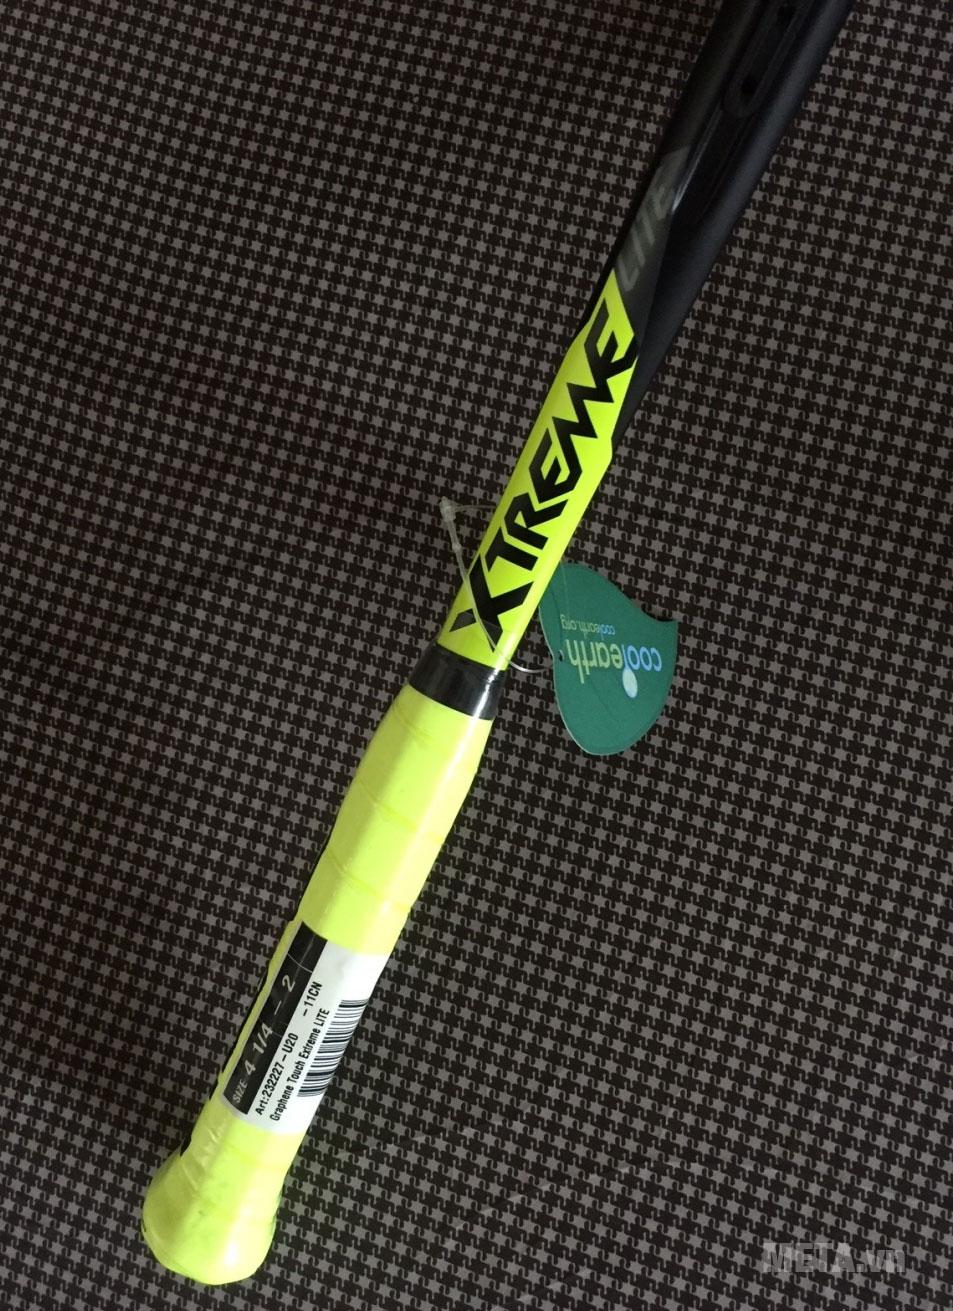 Cán của vợt tennis